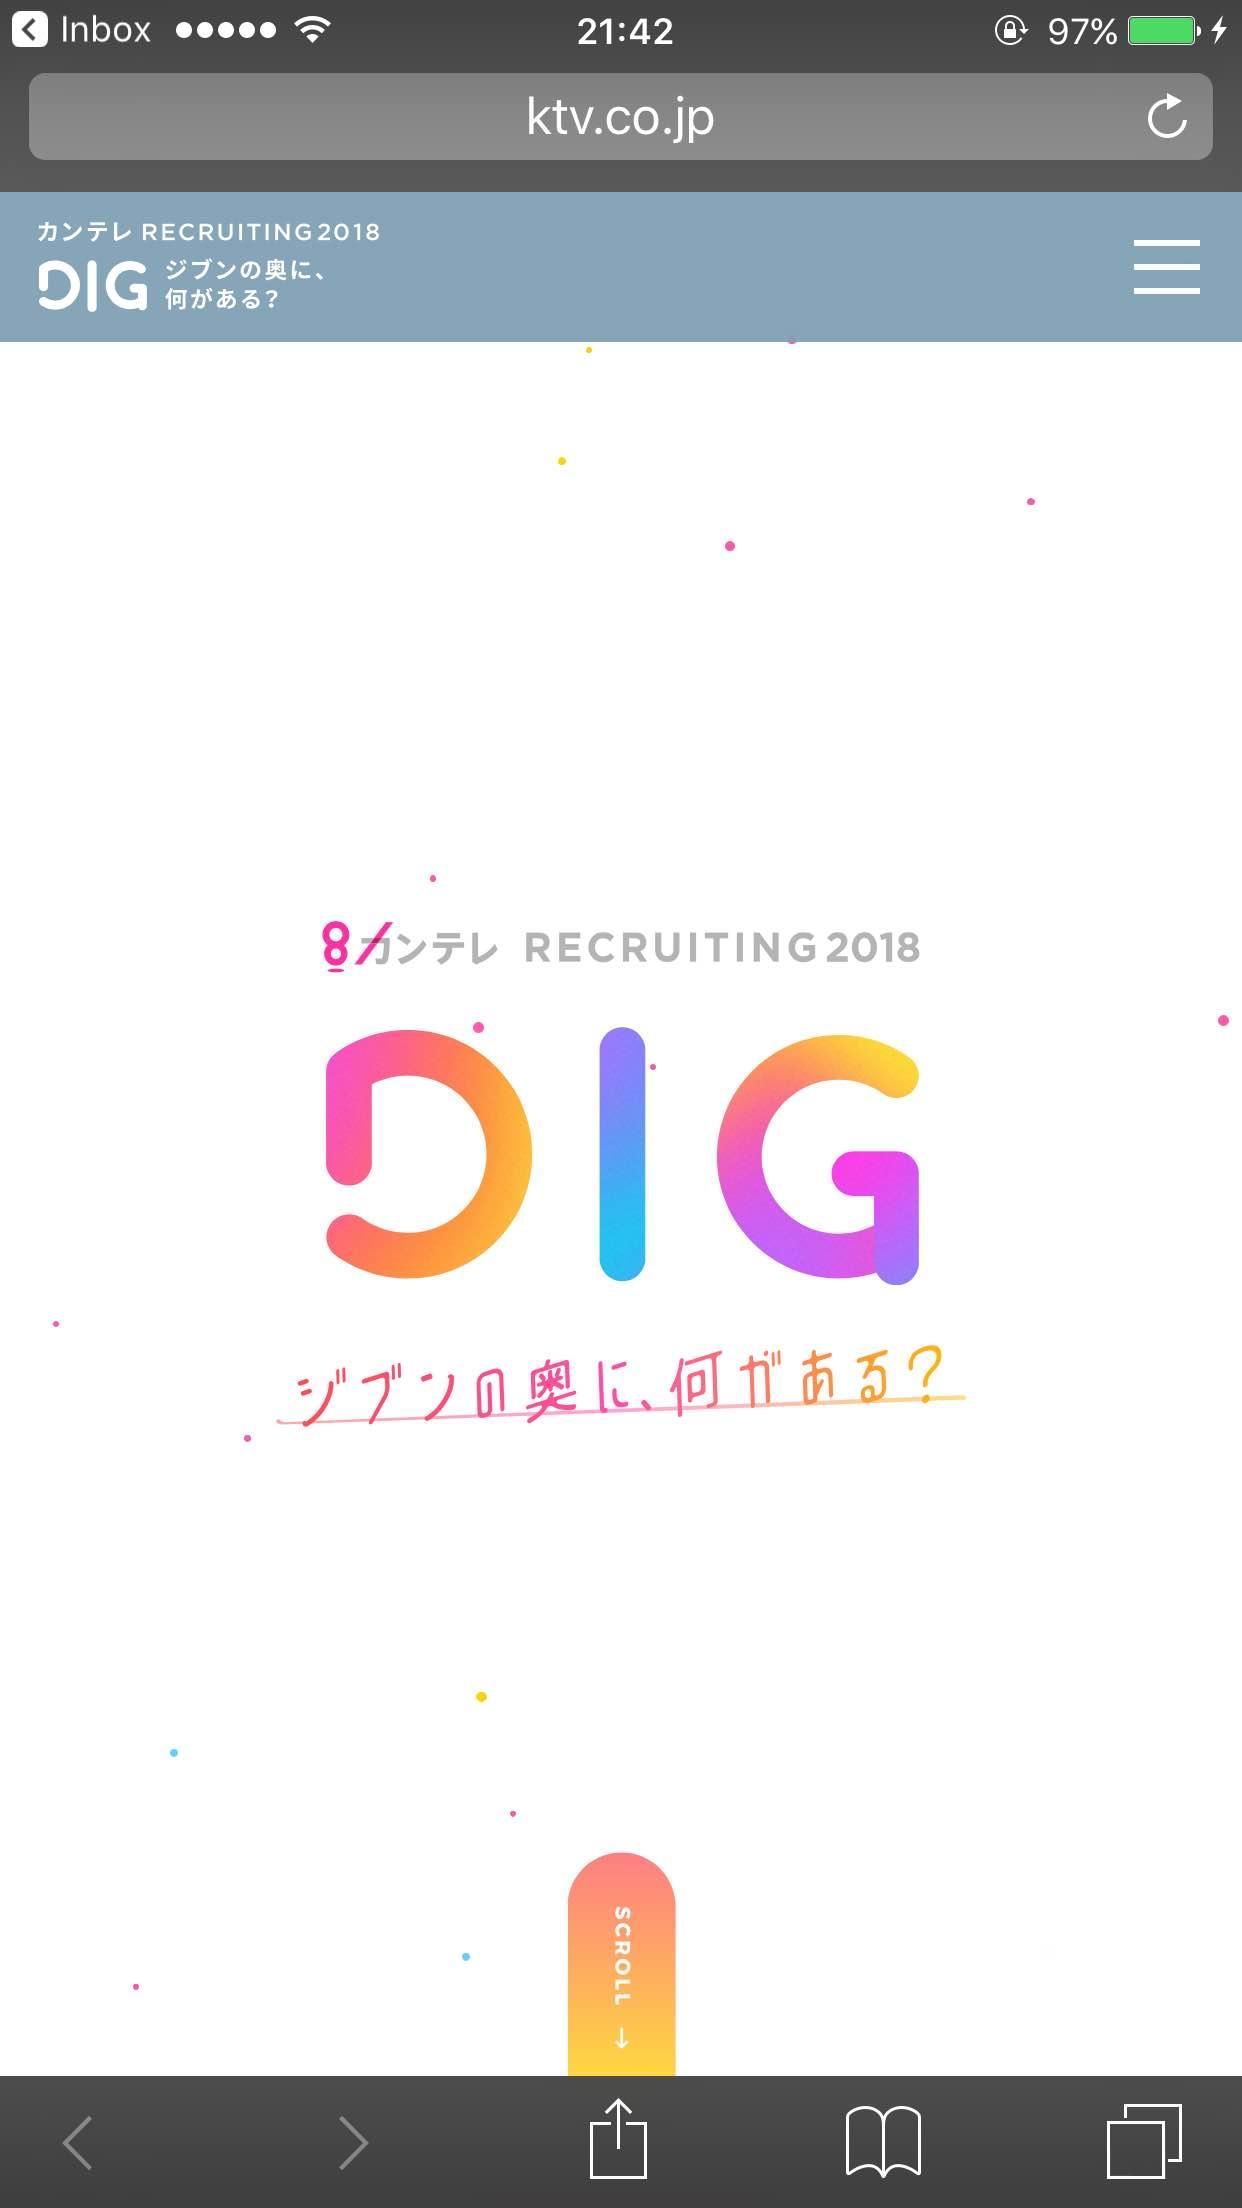 関西テレビ RECRUIT 2018 「DIG -ジブンの奥に、何がある?-」 | カンテレ採用2018 - 関西テレビ放送